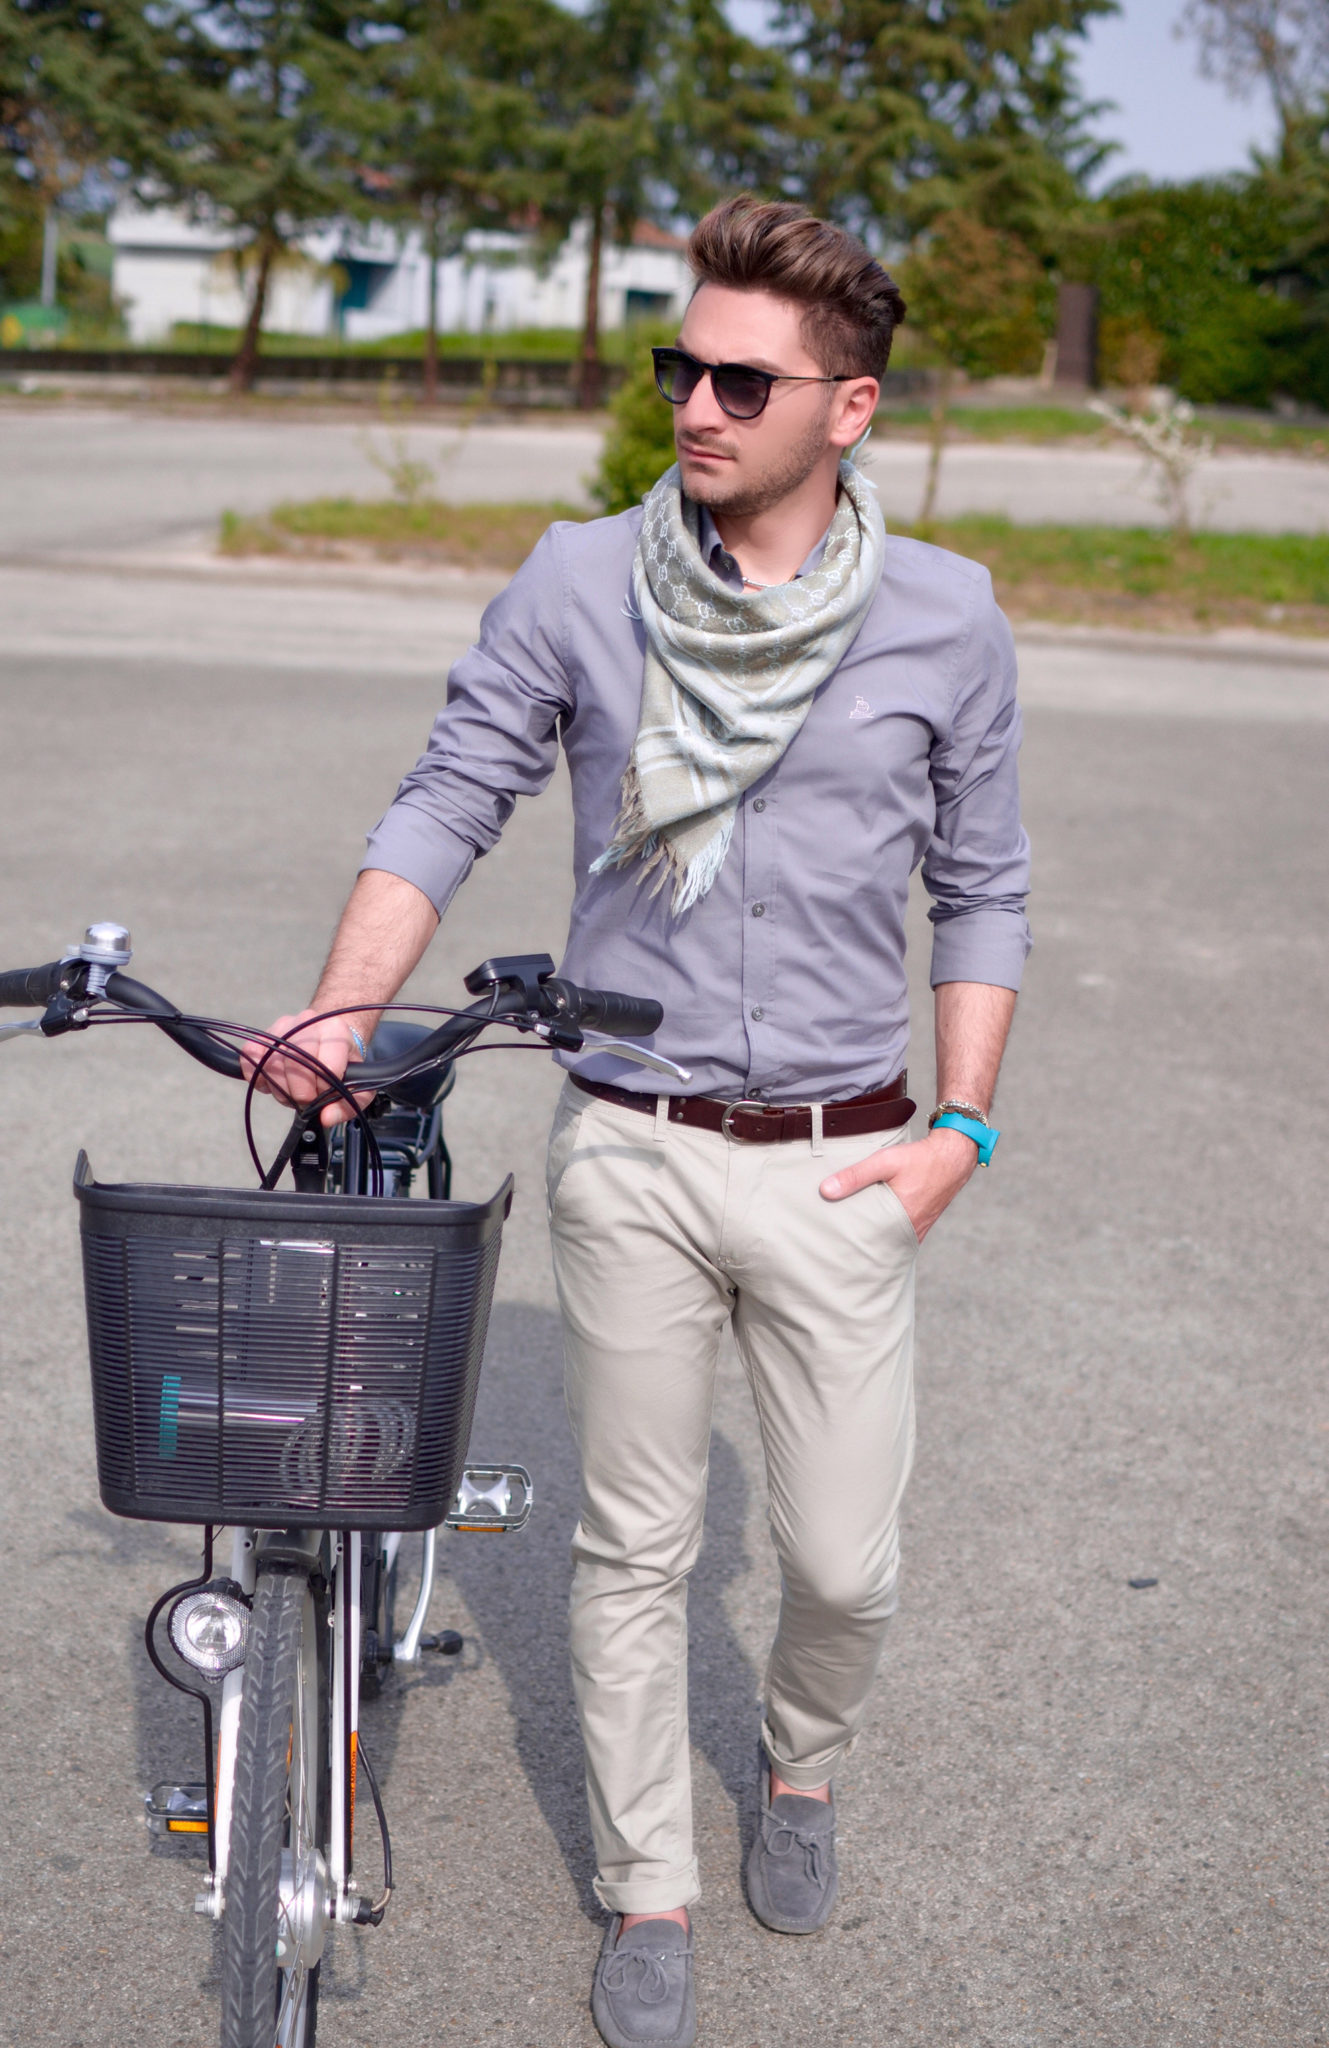 Passeggiando in bicicletta... | Foto Outfit